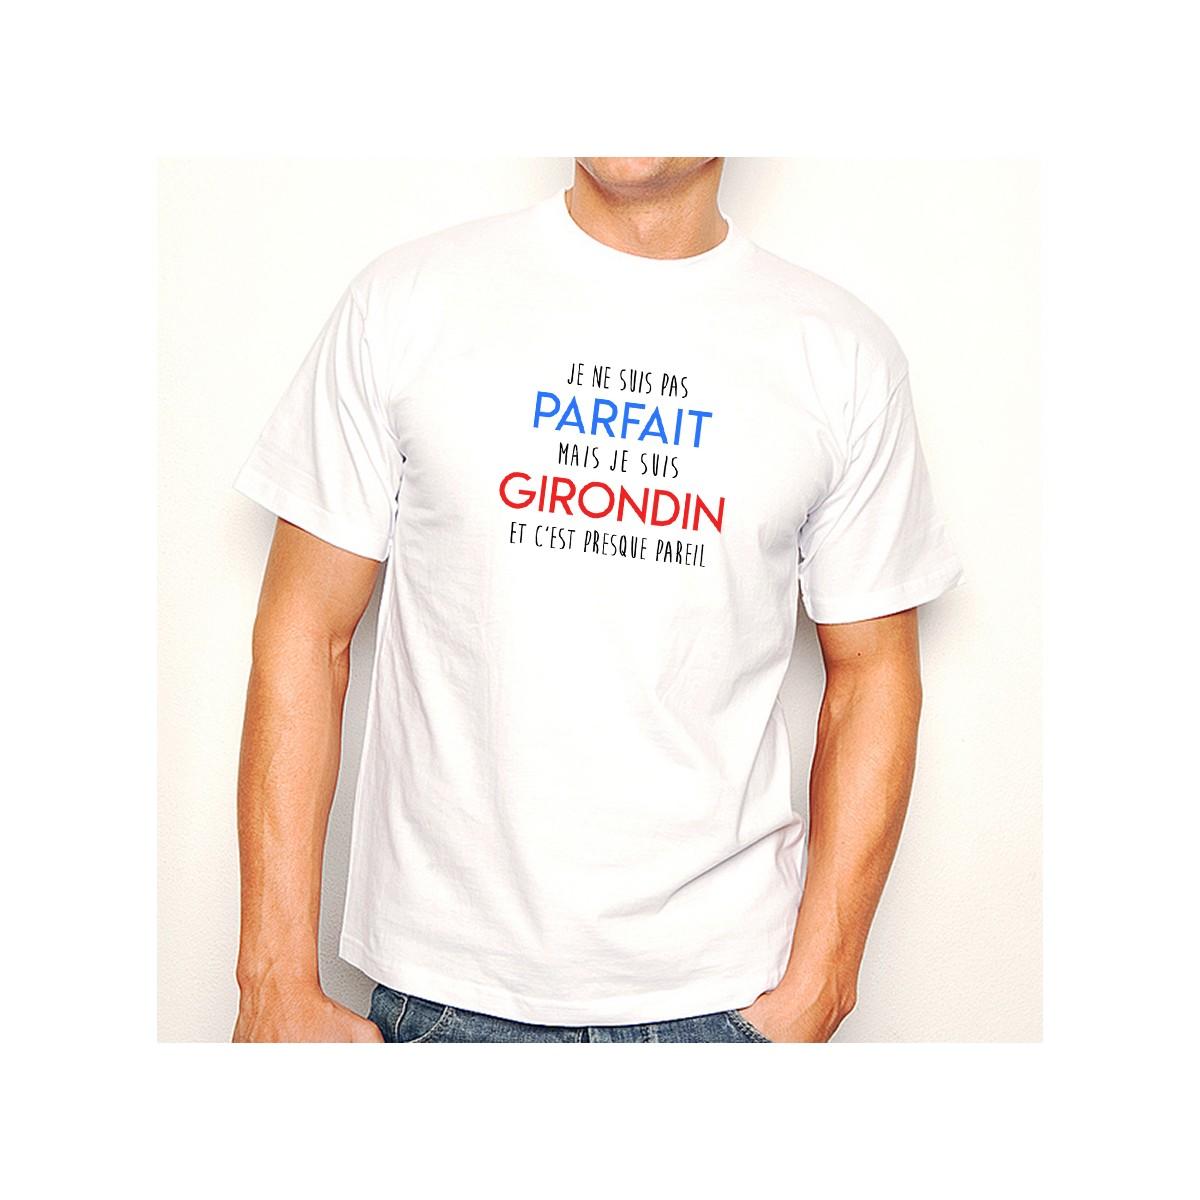 T-shirt Je suis pas parfait mais je suis GIRONDIN